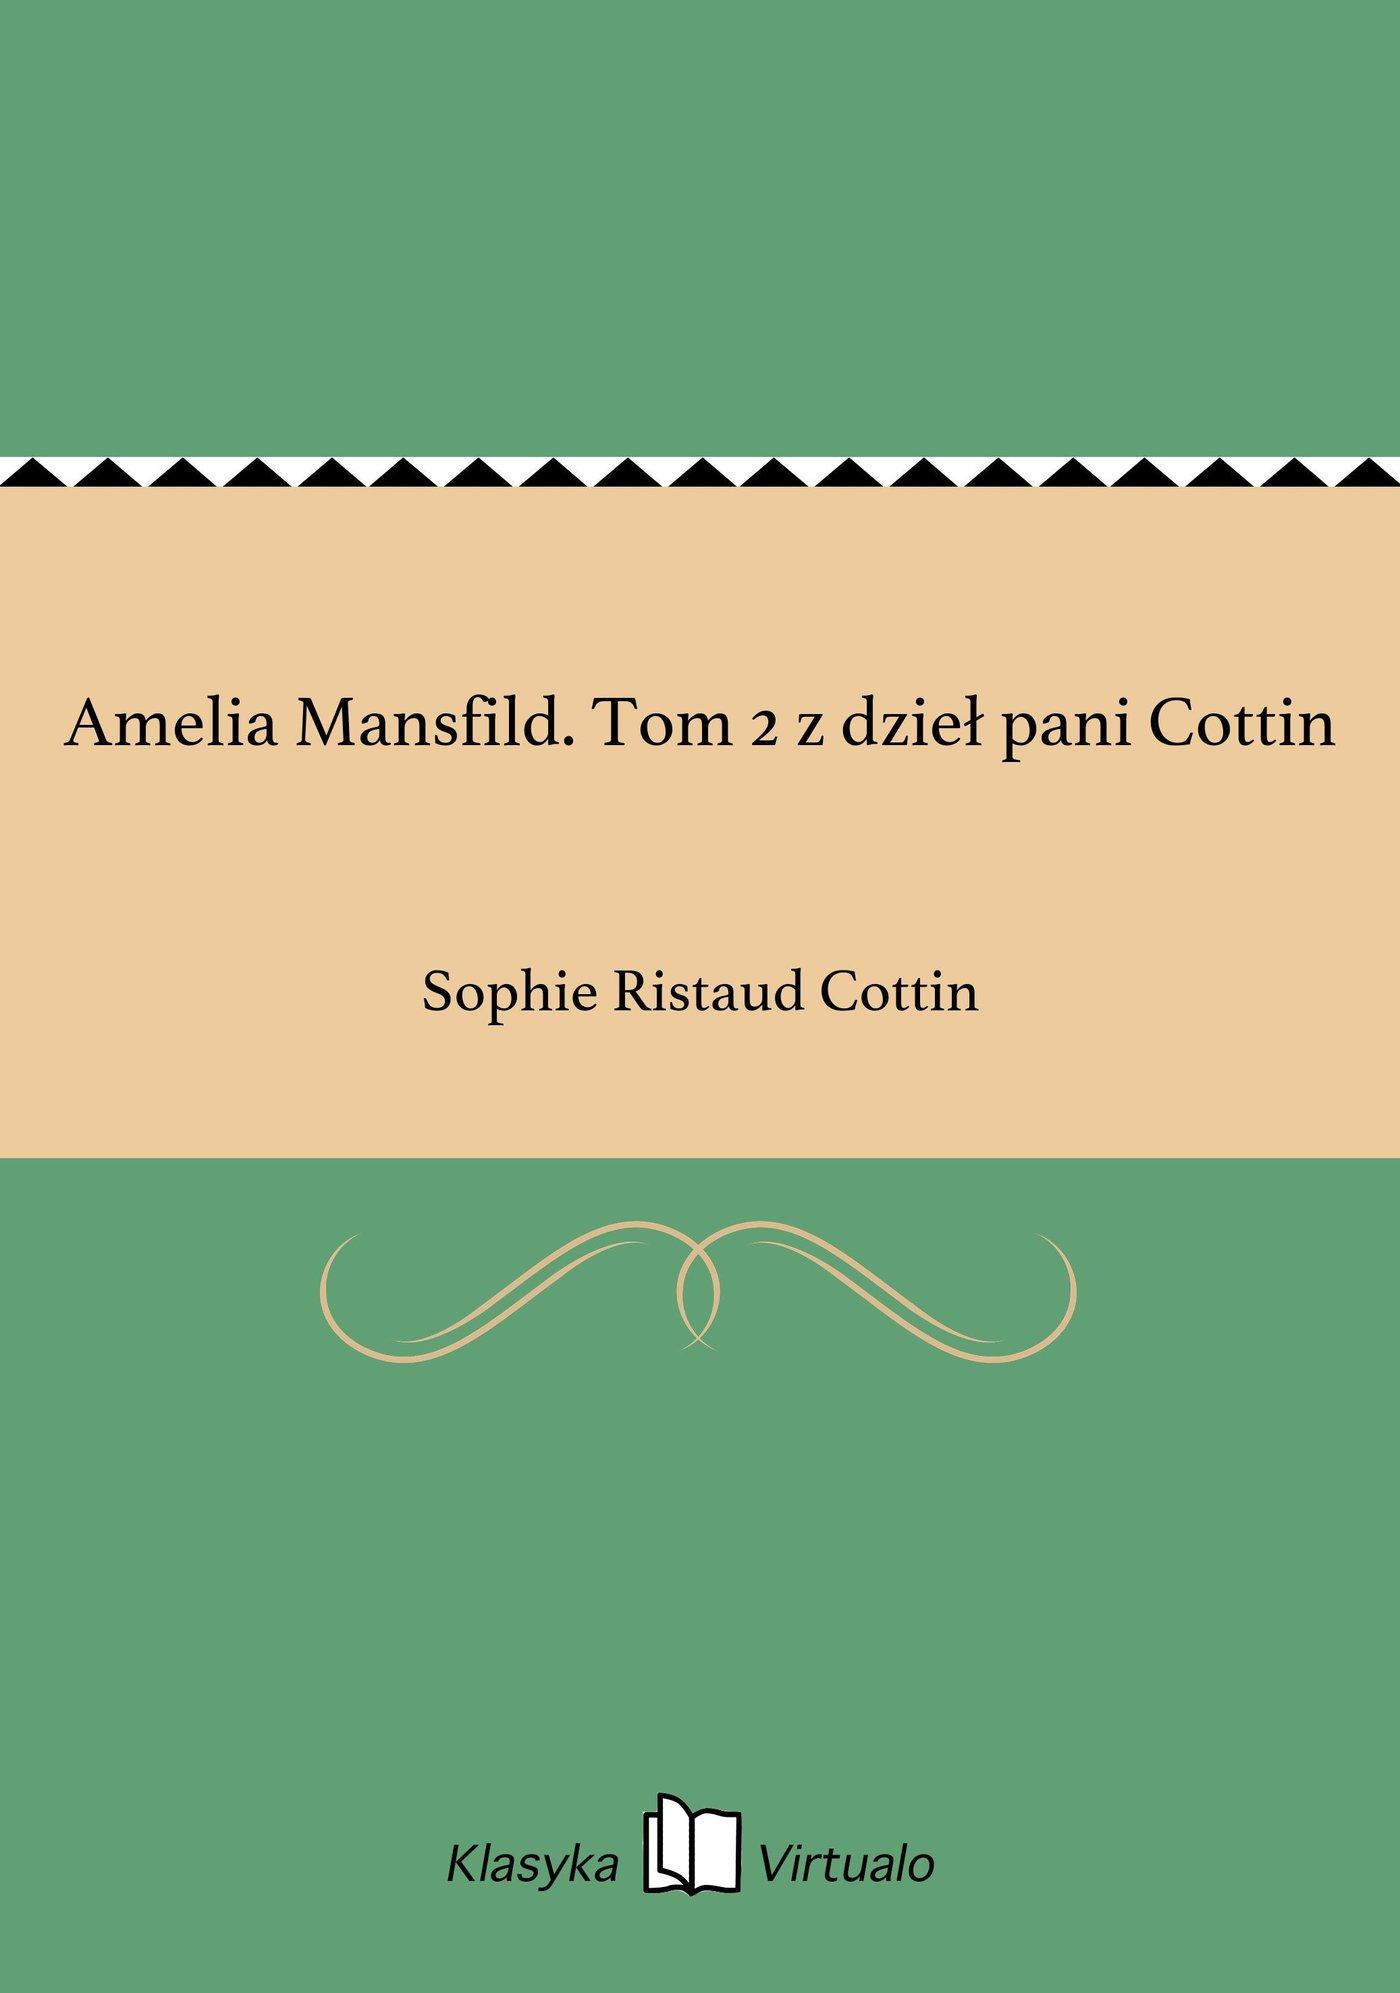 Amelia Mansfild. Tom 2 z dzieł pani Cottin - Ebook (Książka na Kindle) do pobrania w formacie MOBI